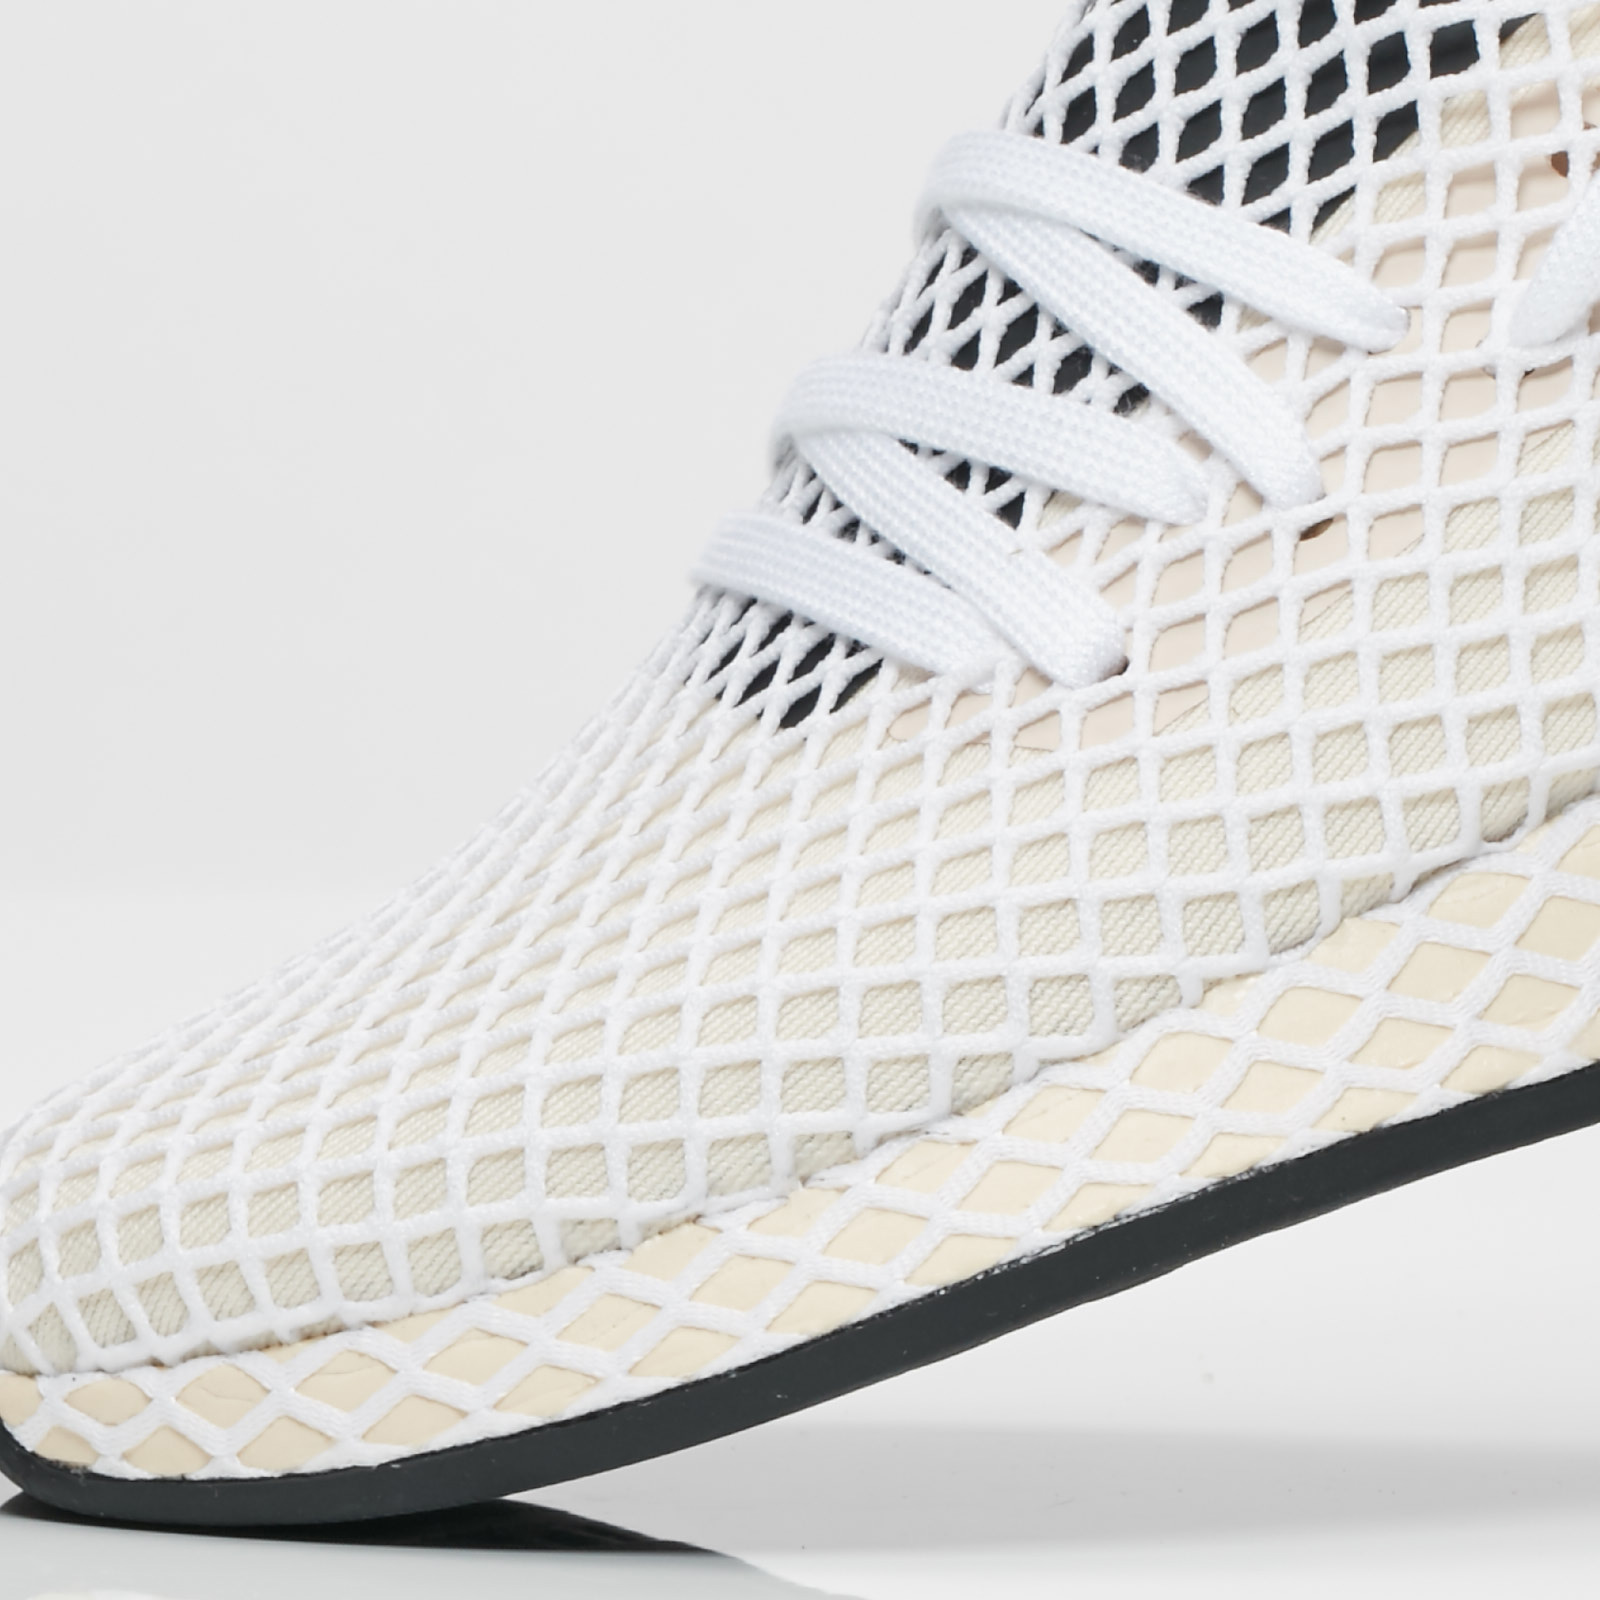 3d0418b2ffc9e adidas Deerupt Runner W - Cq2913 - Sneakersnstuff